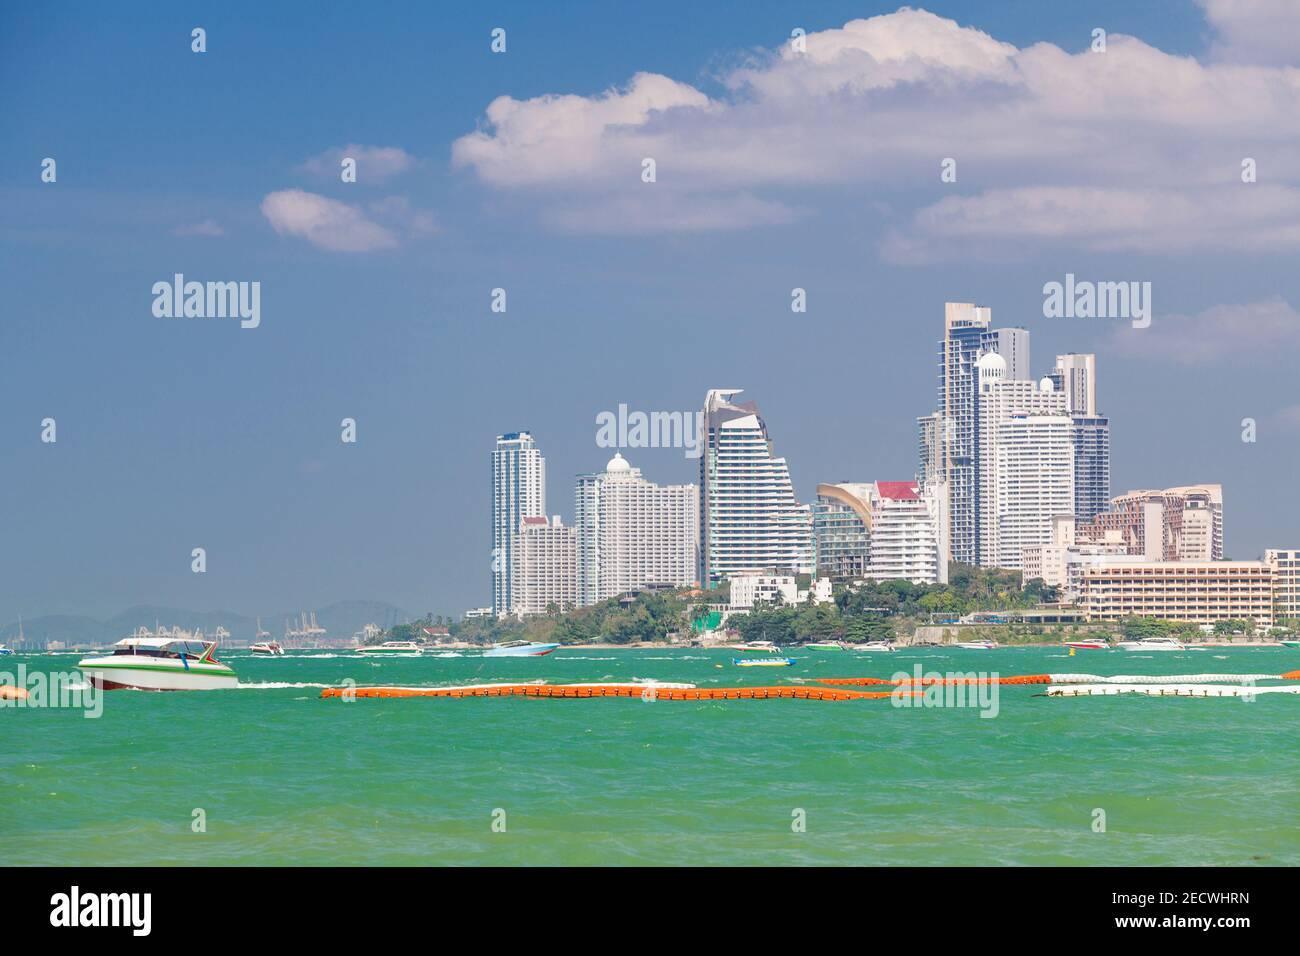 Background hotel e barche su acque turchesi a Pattaya Beach, Thailandia Foto Stock